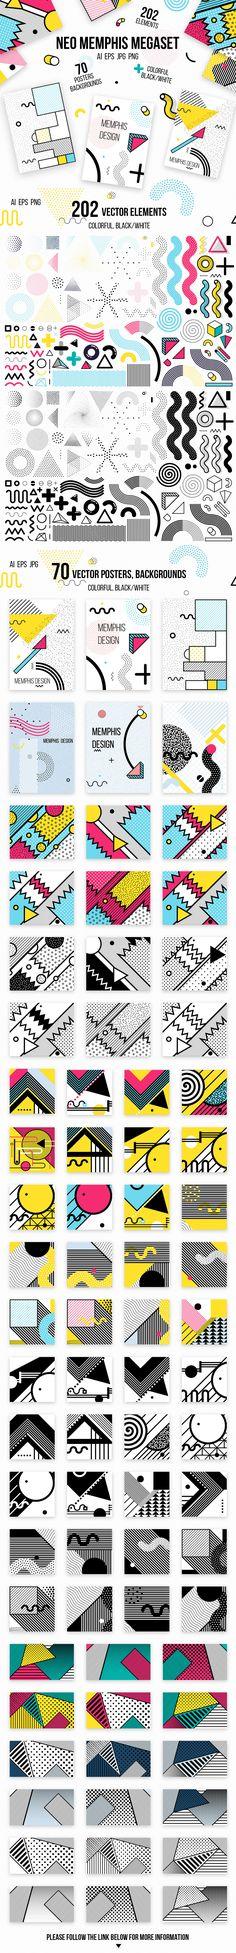 다음 @Behance 프로젝트 확인: \u201c272 patterns, posters, elements. MEMPHIS MEGAset\u201d https://www.behance.net/gallery/46513541/272-patterns-posters-elements-MEMPHIS-MEGAset